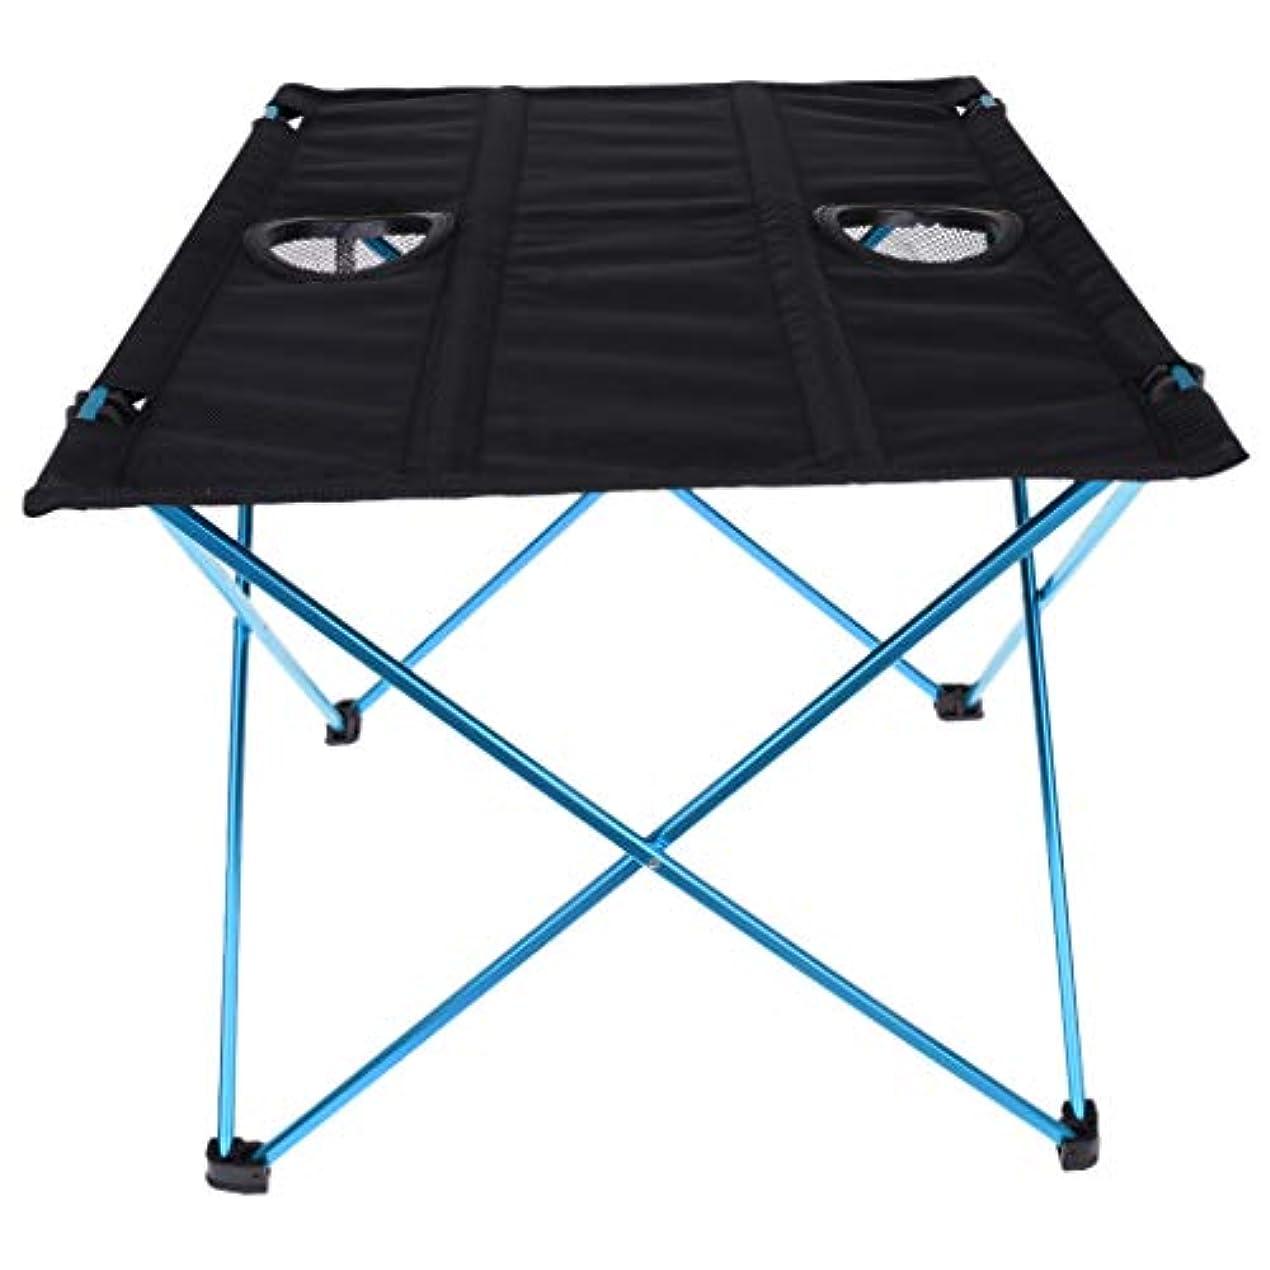 哲学博士納税者首相DYNWAVE テーブル アウトドア おりたたみ 超軽量 防水 携帯便利 耐磨耗性 耐久性 X字型の構造